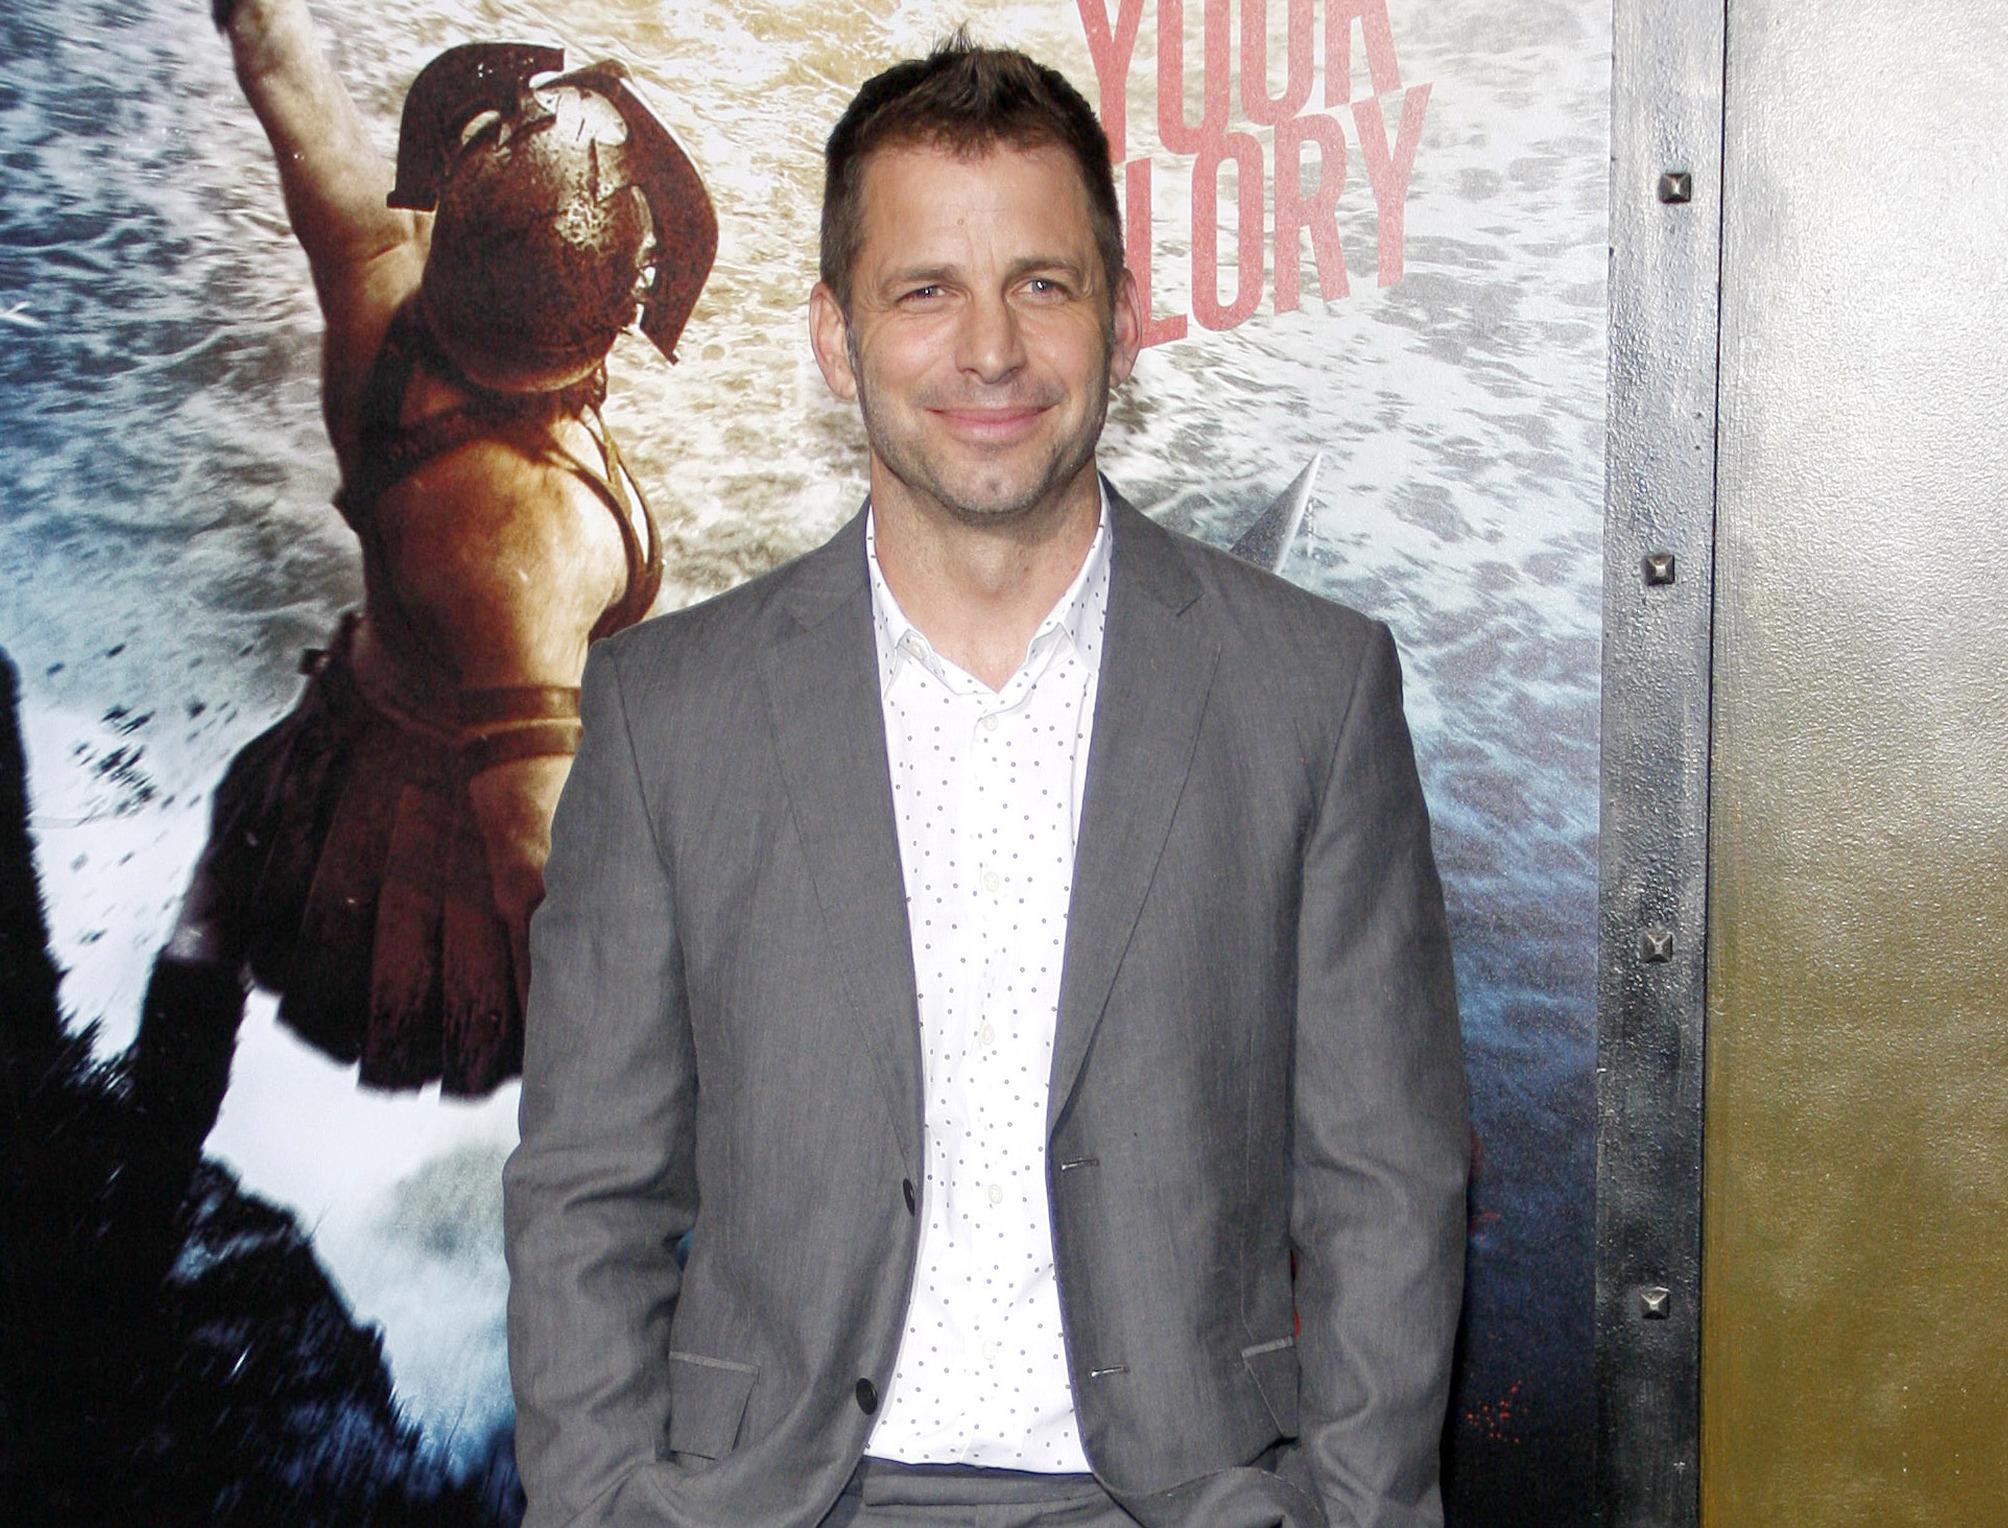 Зак Снайдер: «Никогда не буду снимать фильмы в угоду поп-культуре»